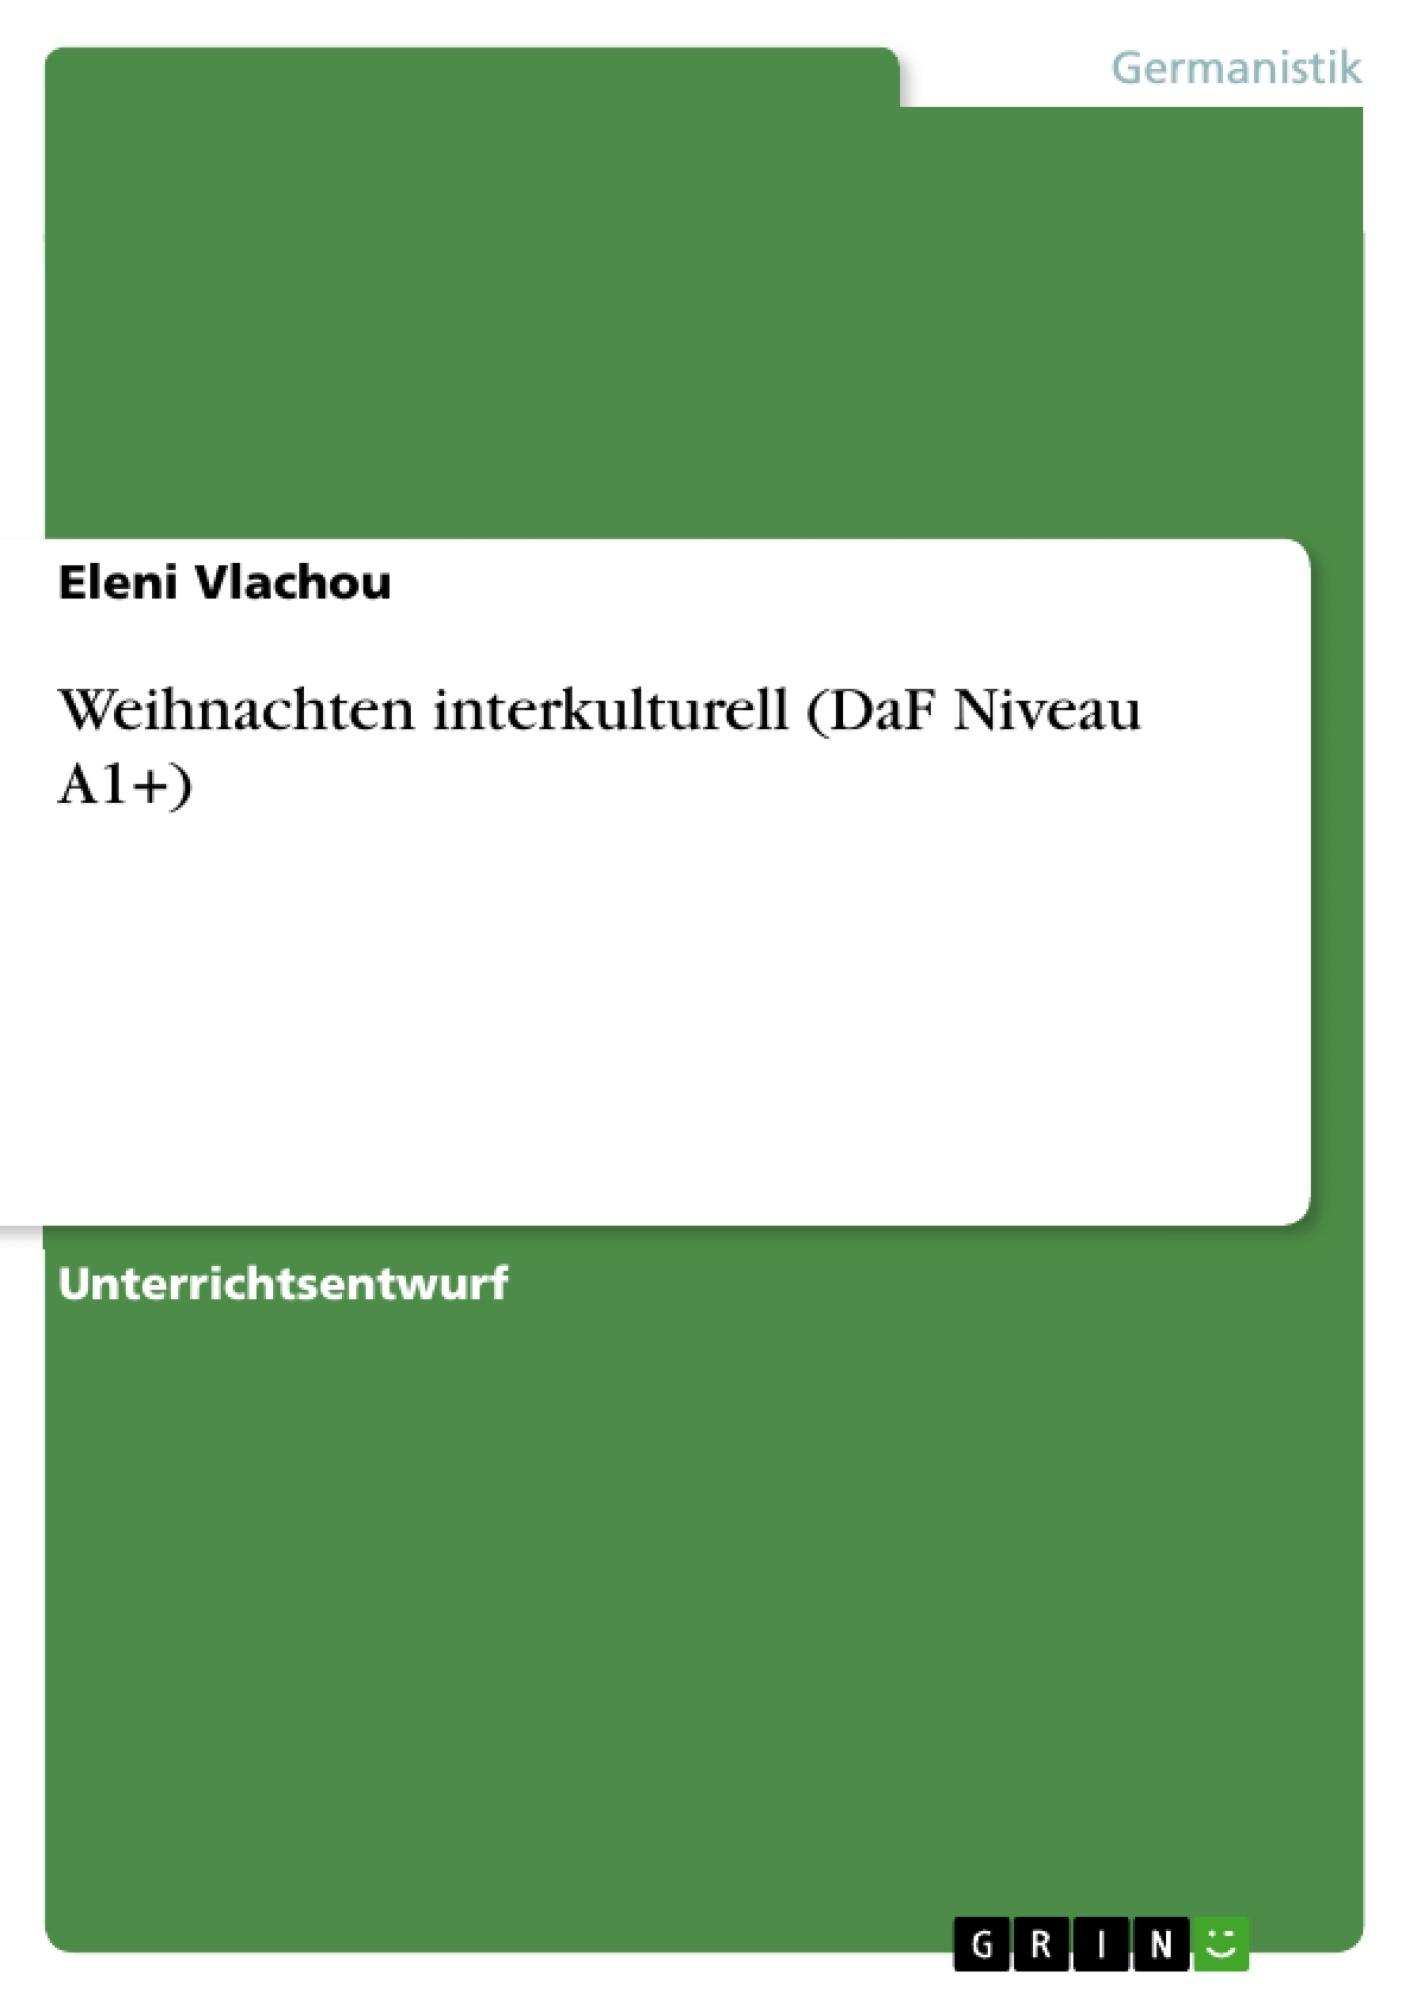 Titel: Weihnachten interkulturell (DaF Niveau A1+)